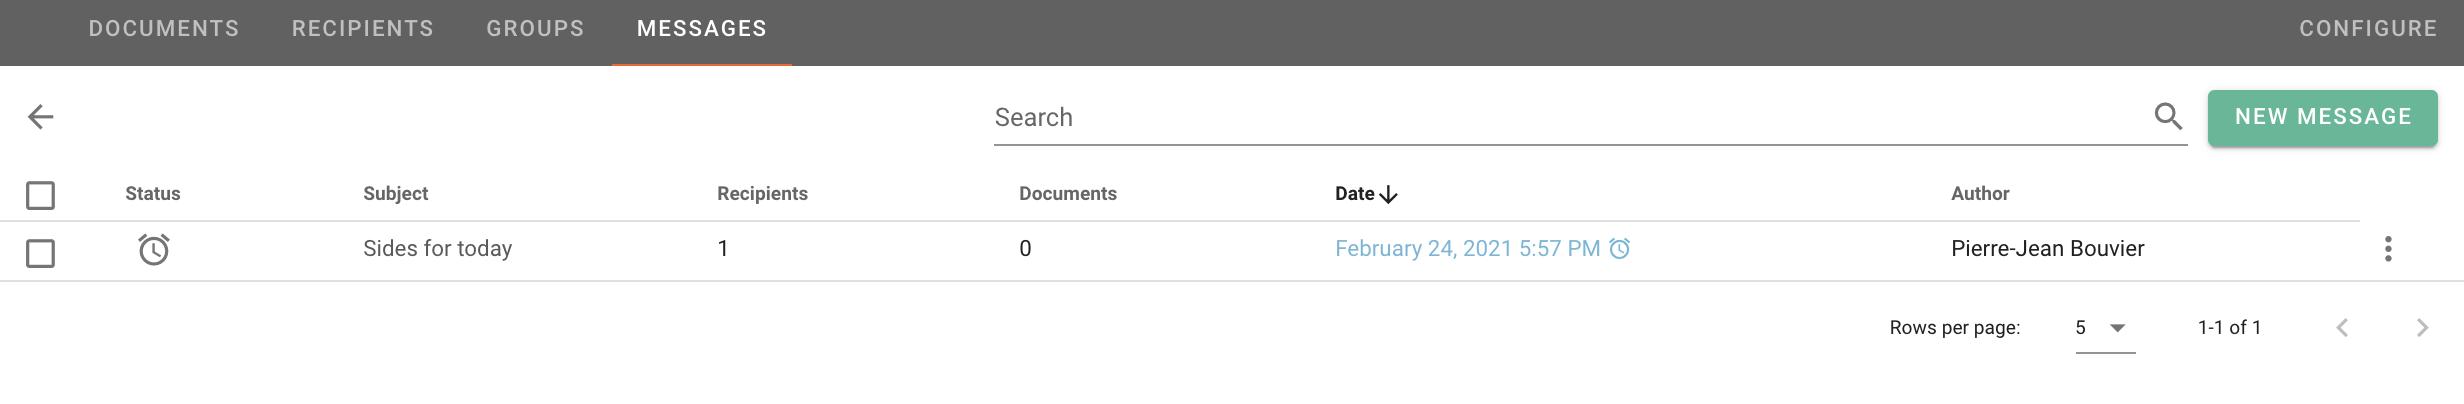 Screenshot 2021-02-24 at 17.54.24.png